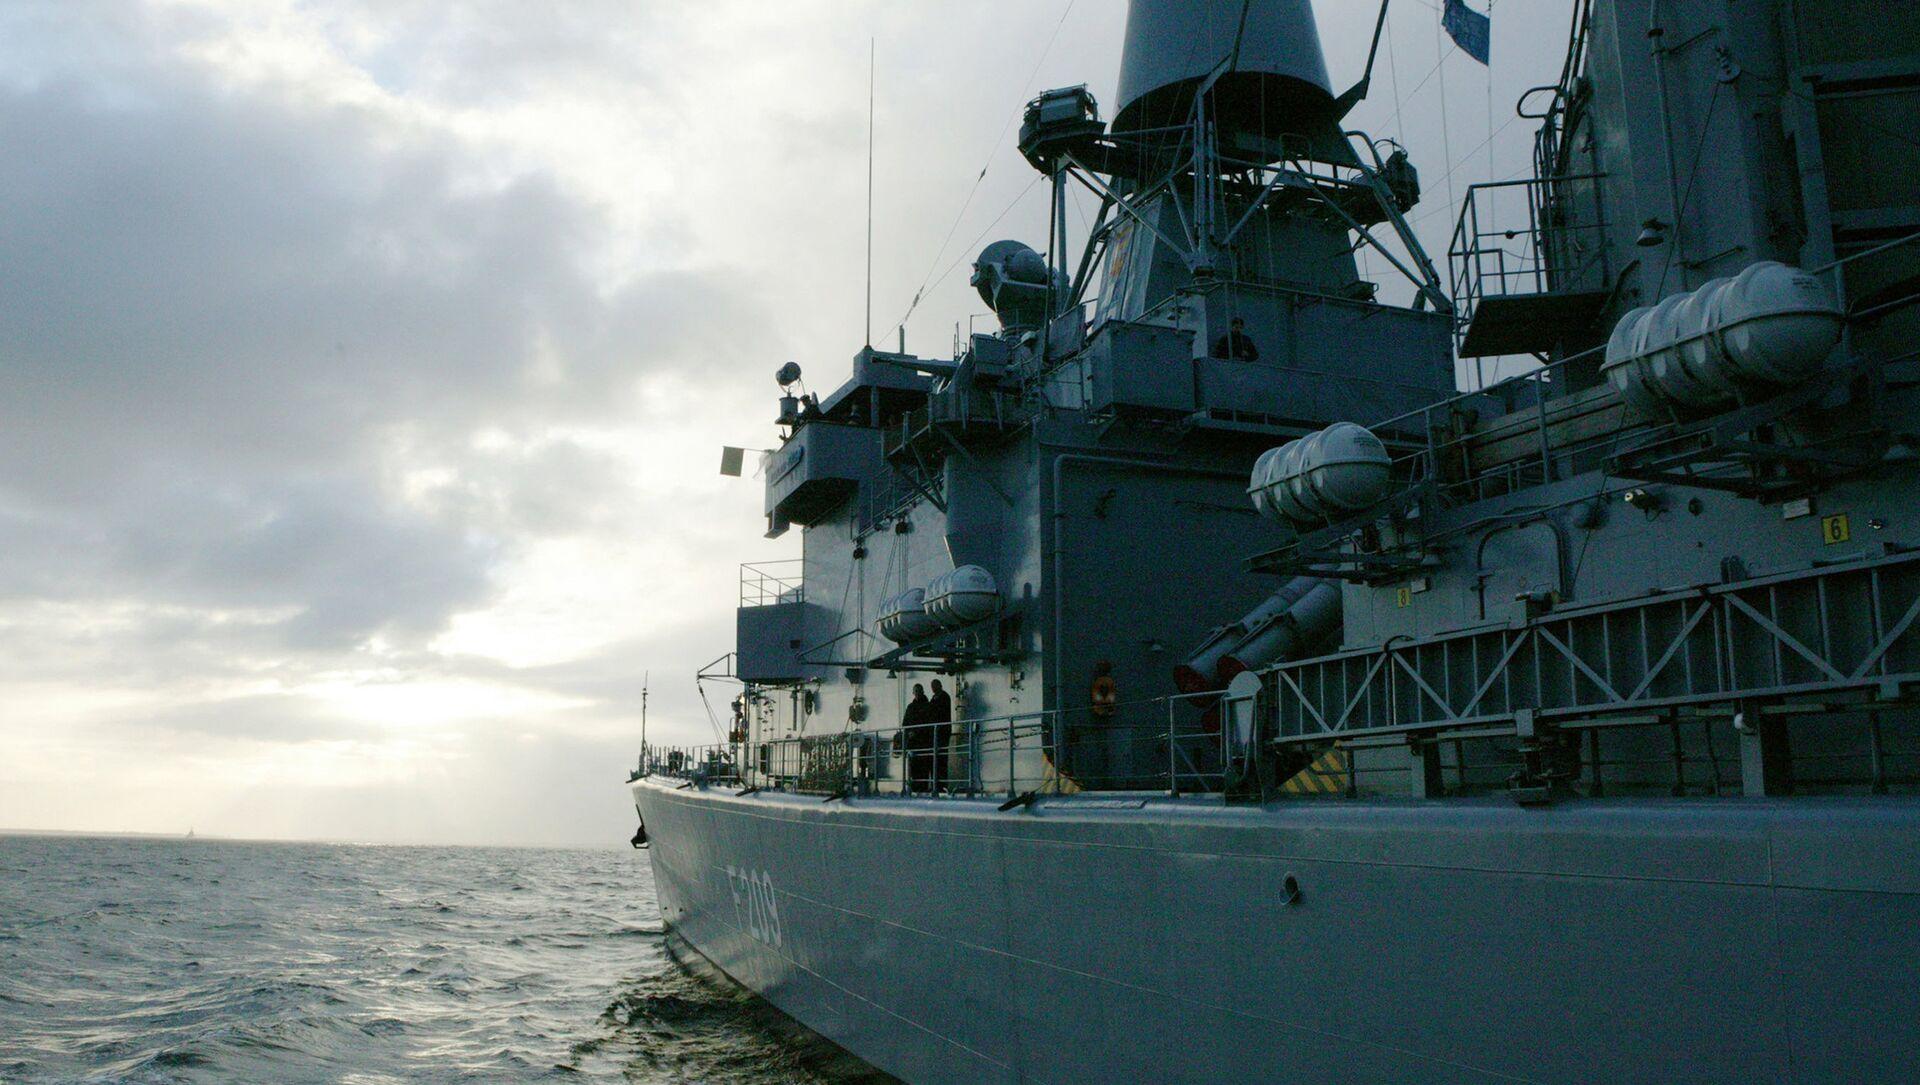 Le navi da guerra della NATO  - Sputnik Italia, 1920, 25.02.2021